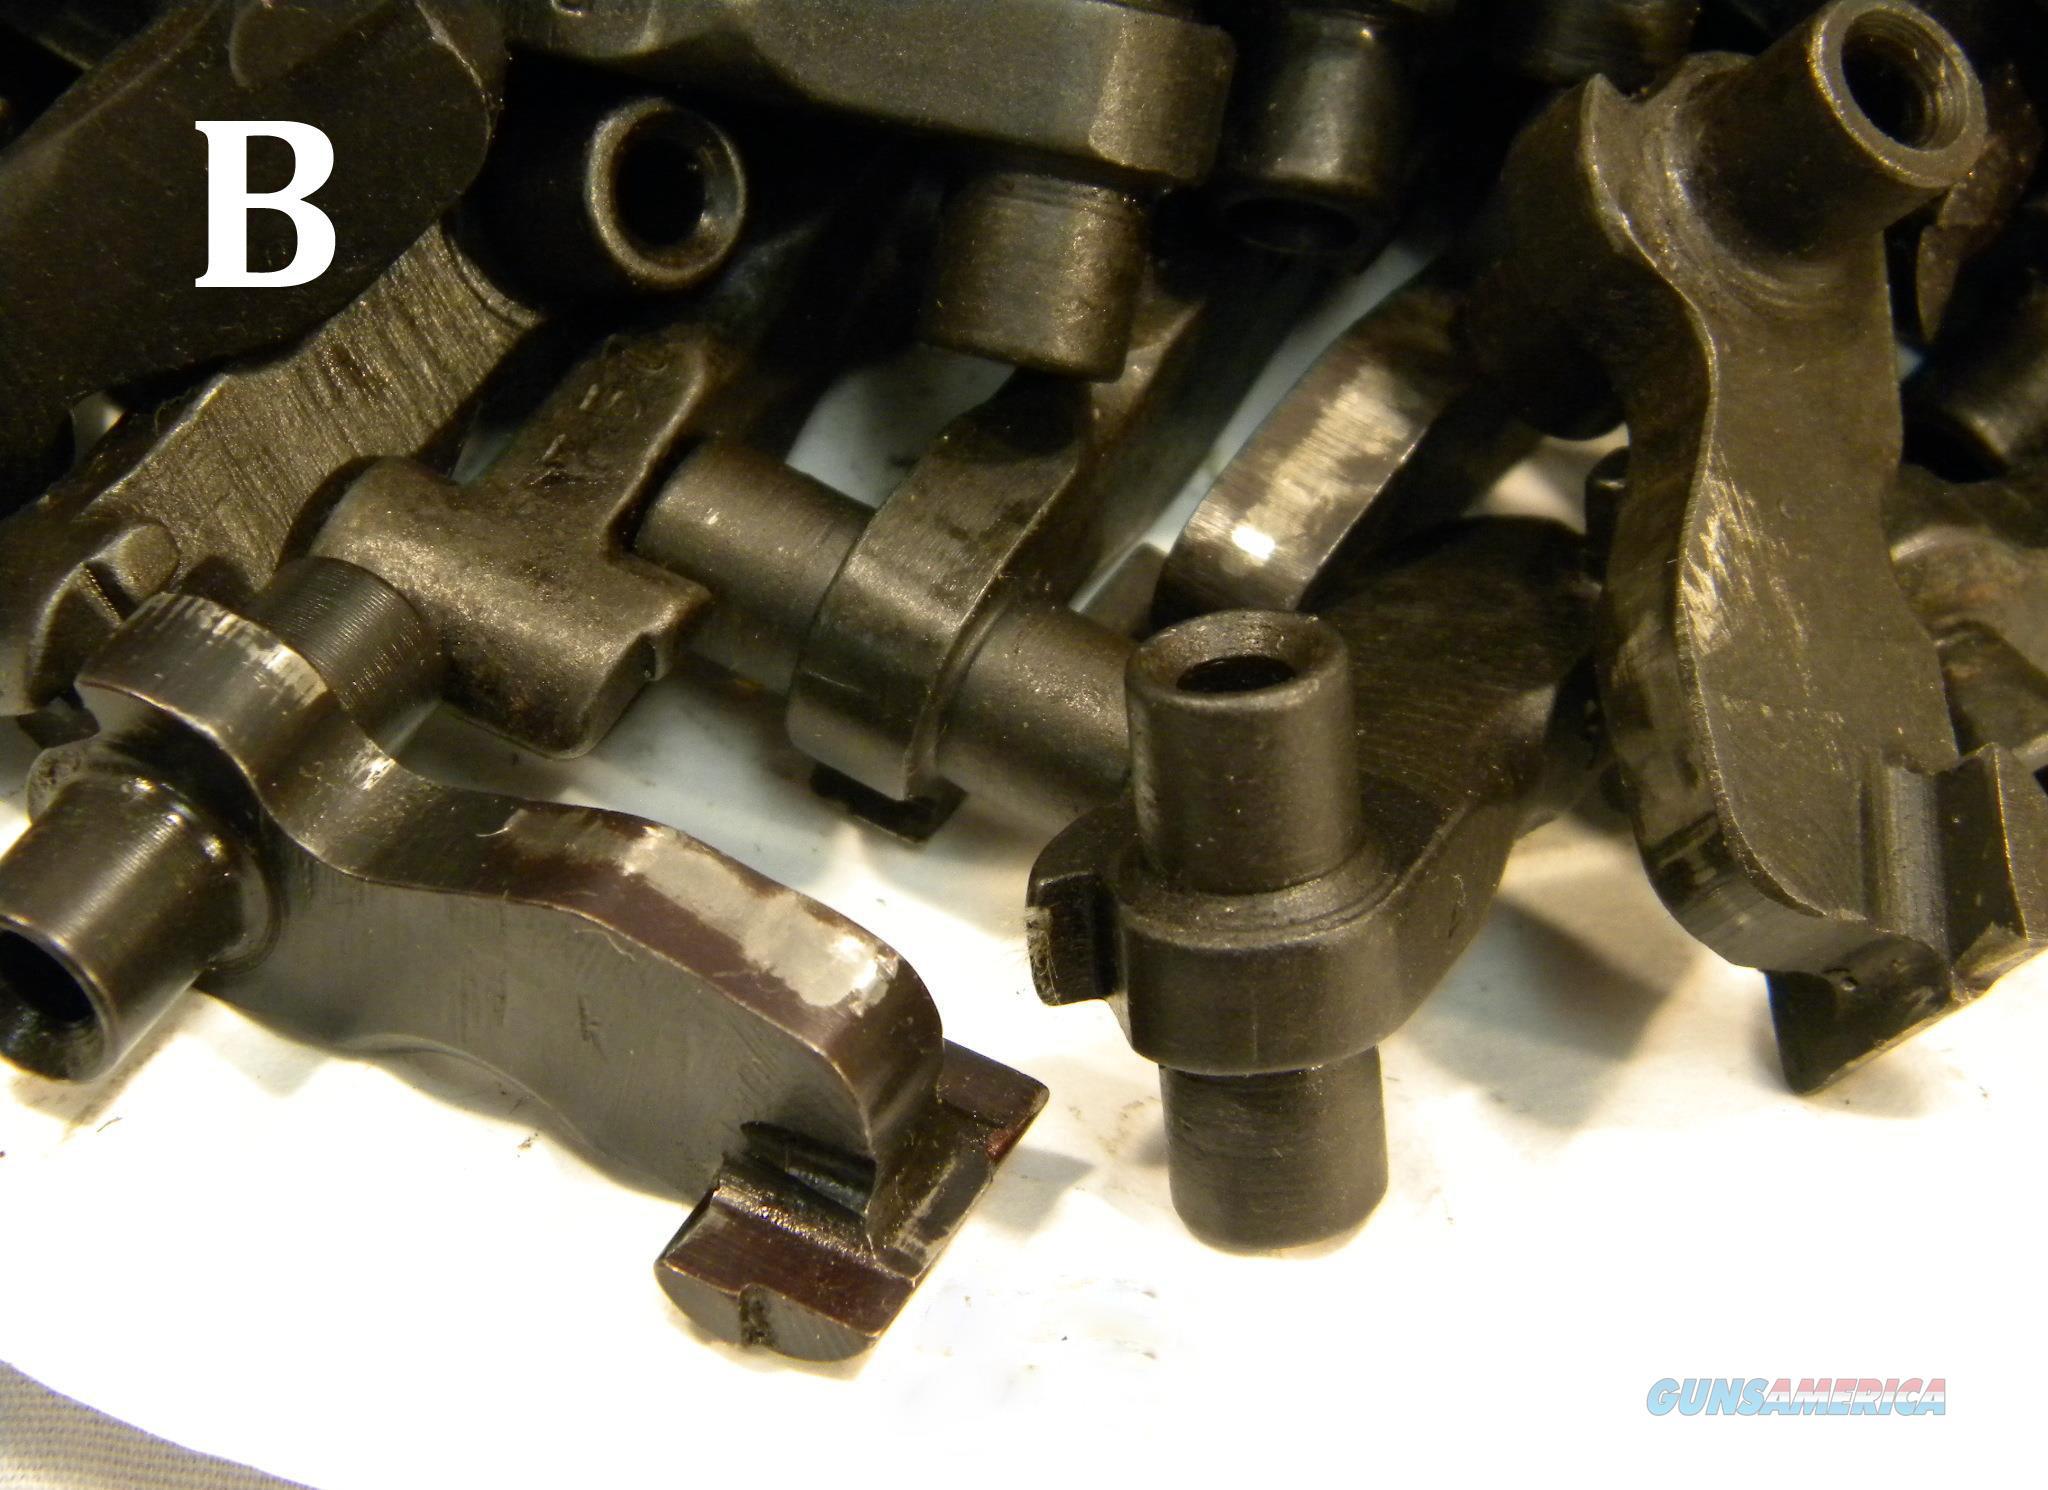 Full-Auto AK Fire Control Group Parts  Non-Guns > Gun Parts > Military - Foreign